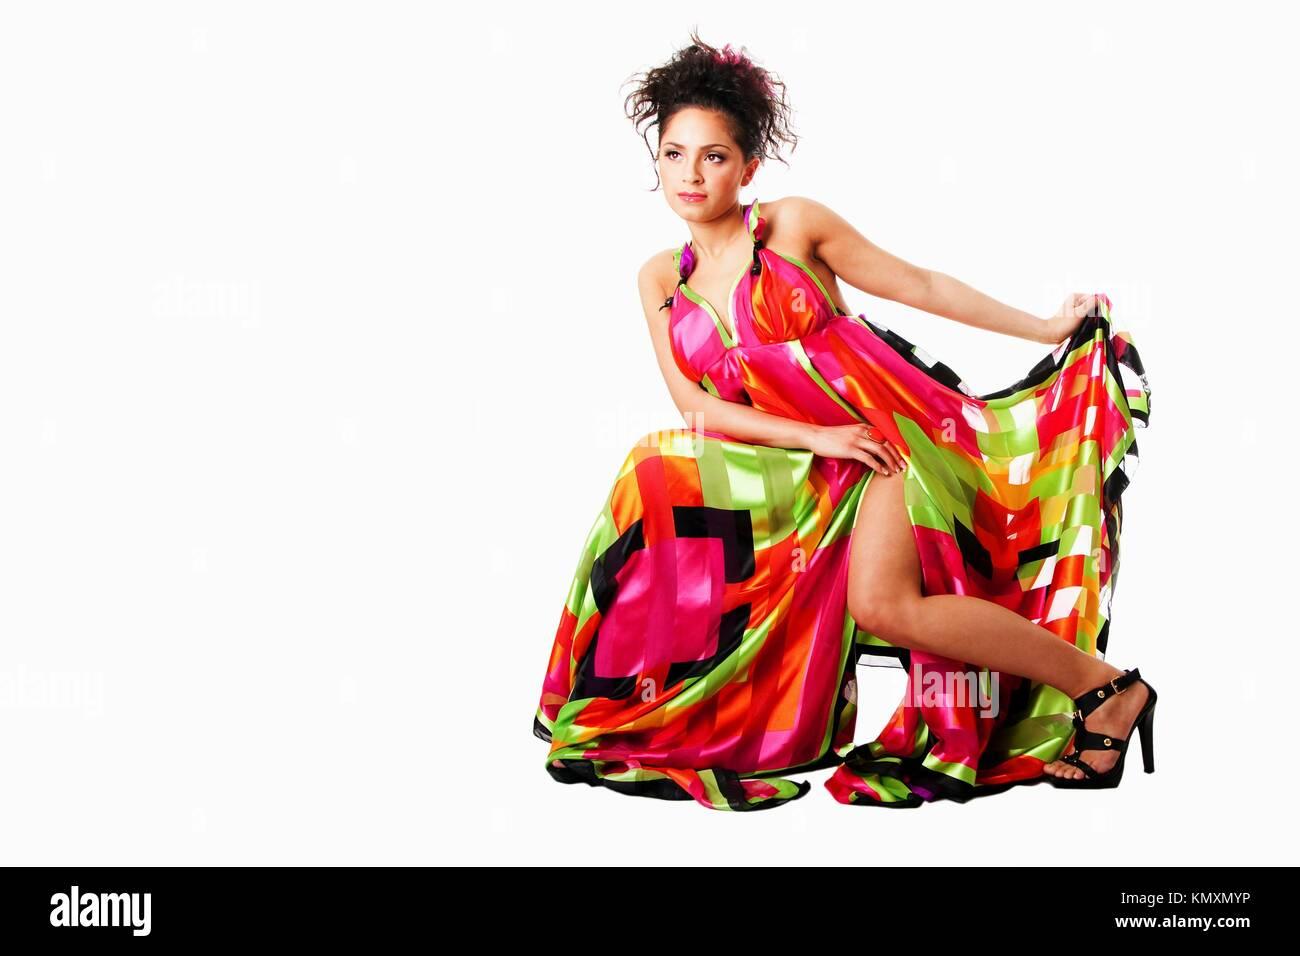 Bella ispanica caucasica Latina modello moda donna che indossa abiti  colorati 6e767bf28da